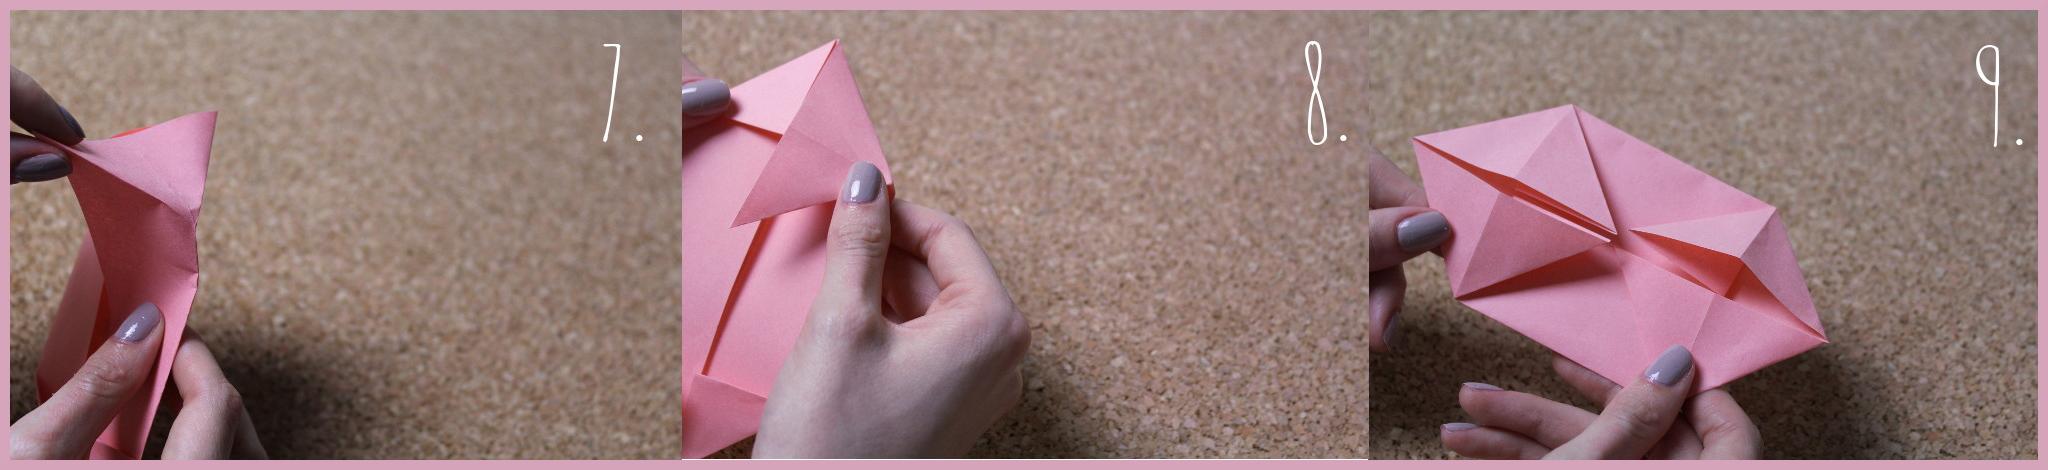 Origami Schwein Bastelanleitung von frau friemel Schritt 7-9